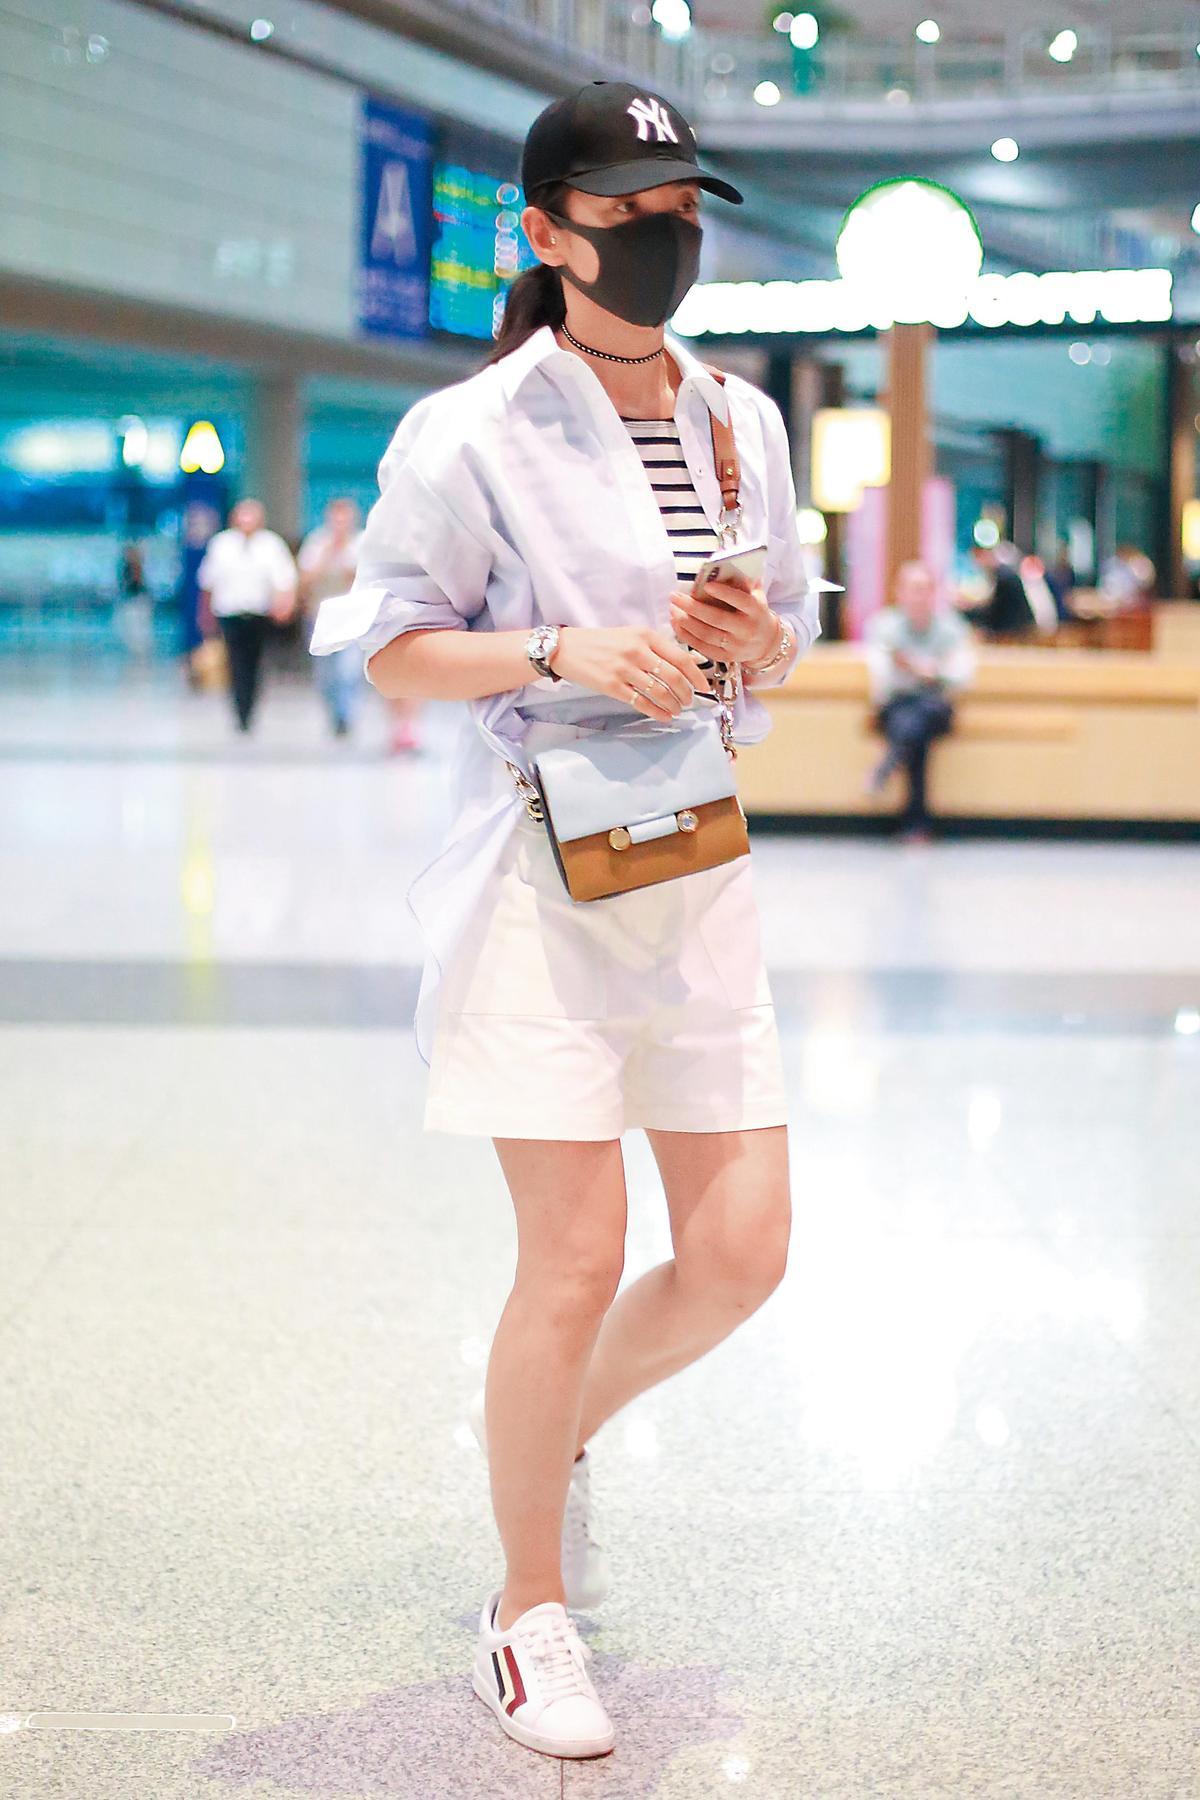 當你穿著一身白時,有個主視覺的image跳出來,反而更能凸顯;李冰冰就是在白色系的襯衫、短裙、休閒鞋中,加入條紋T-Shirt,讓整個look顯得清爽雅緻。(東方IC)